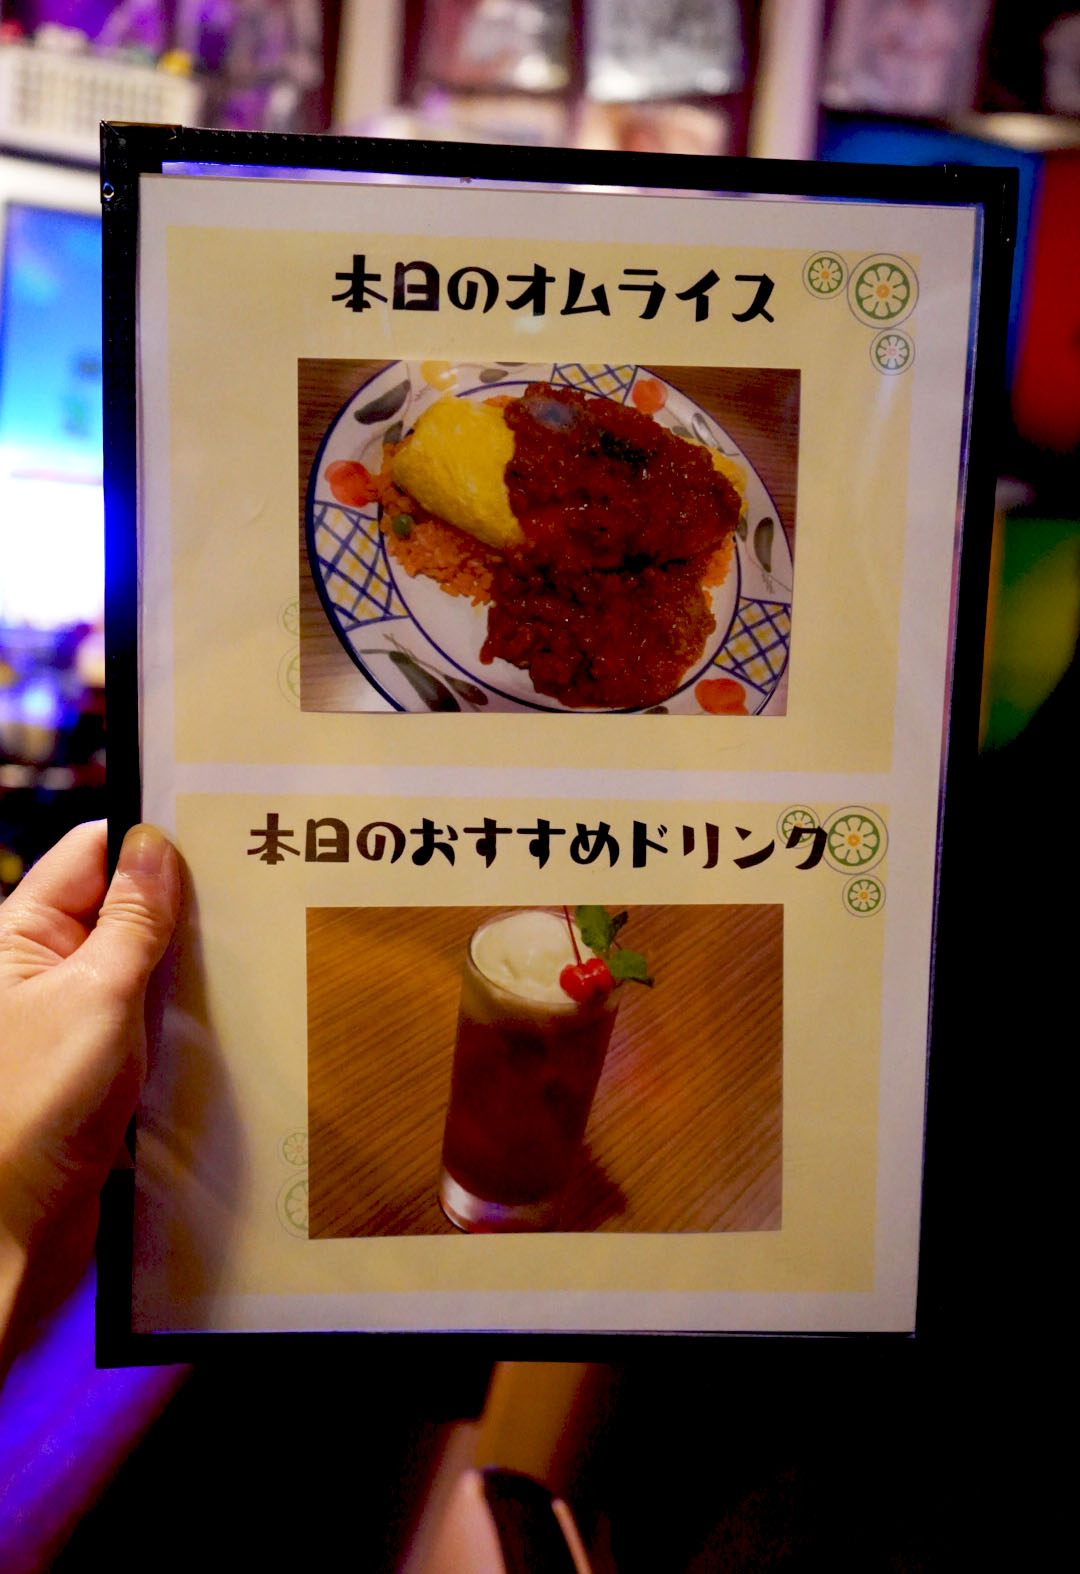 名古屋・栄に新オープン!オムライス×クリームソーダが楽しめる隠れ家店「バッチグー!」で幸せを食べてきました - DSC01932